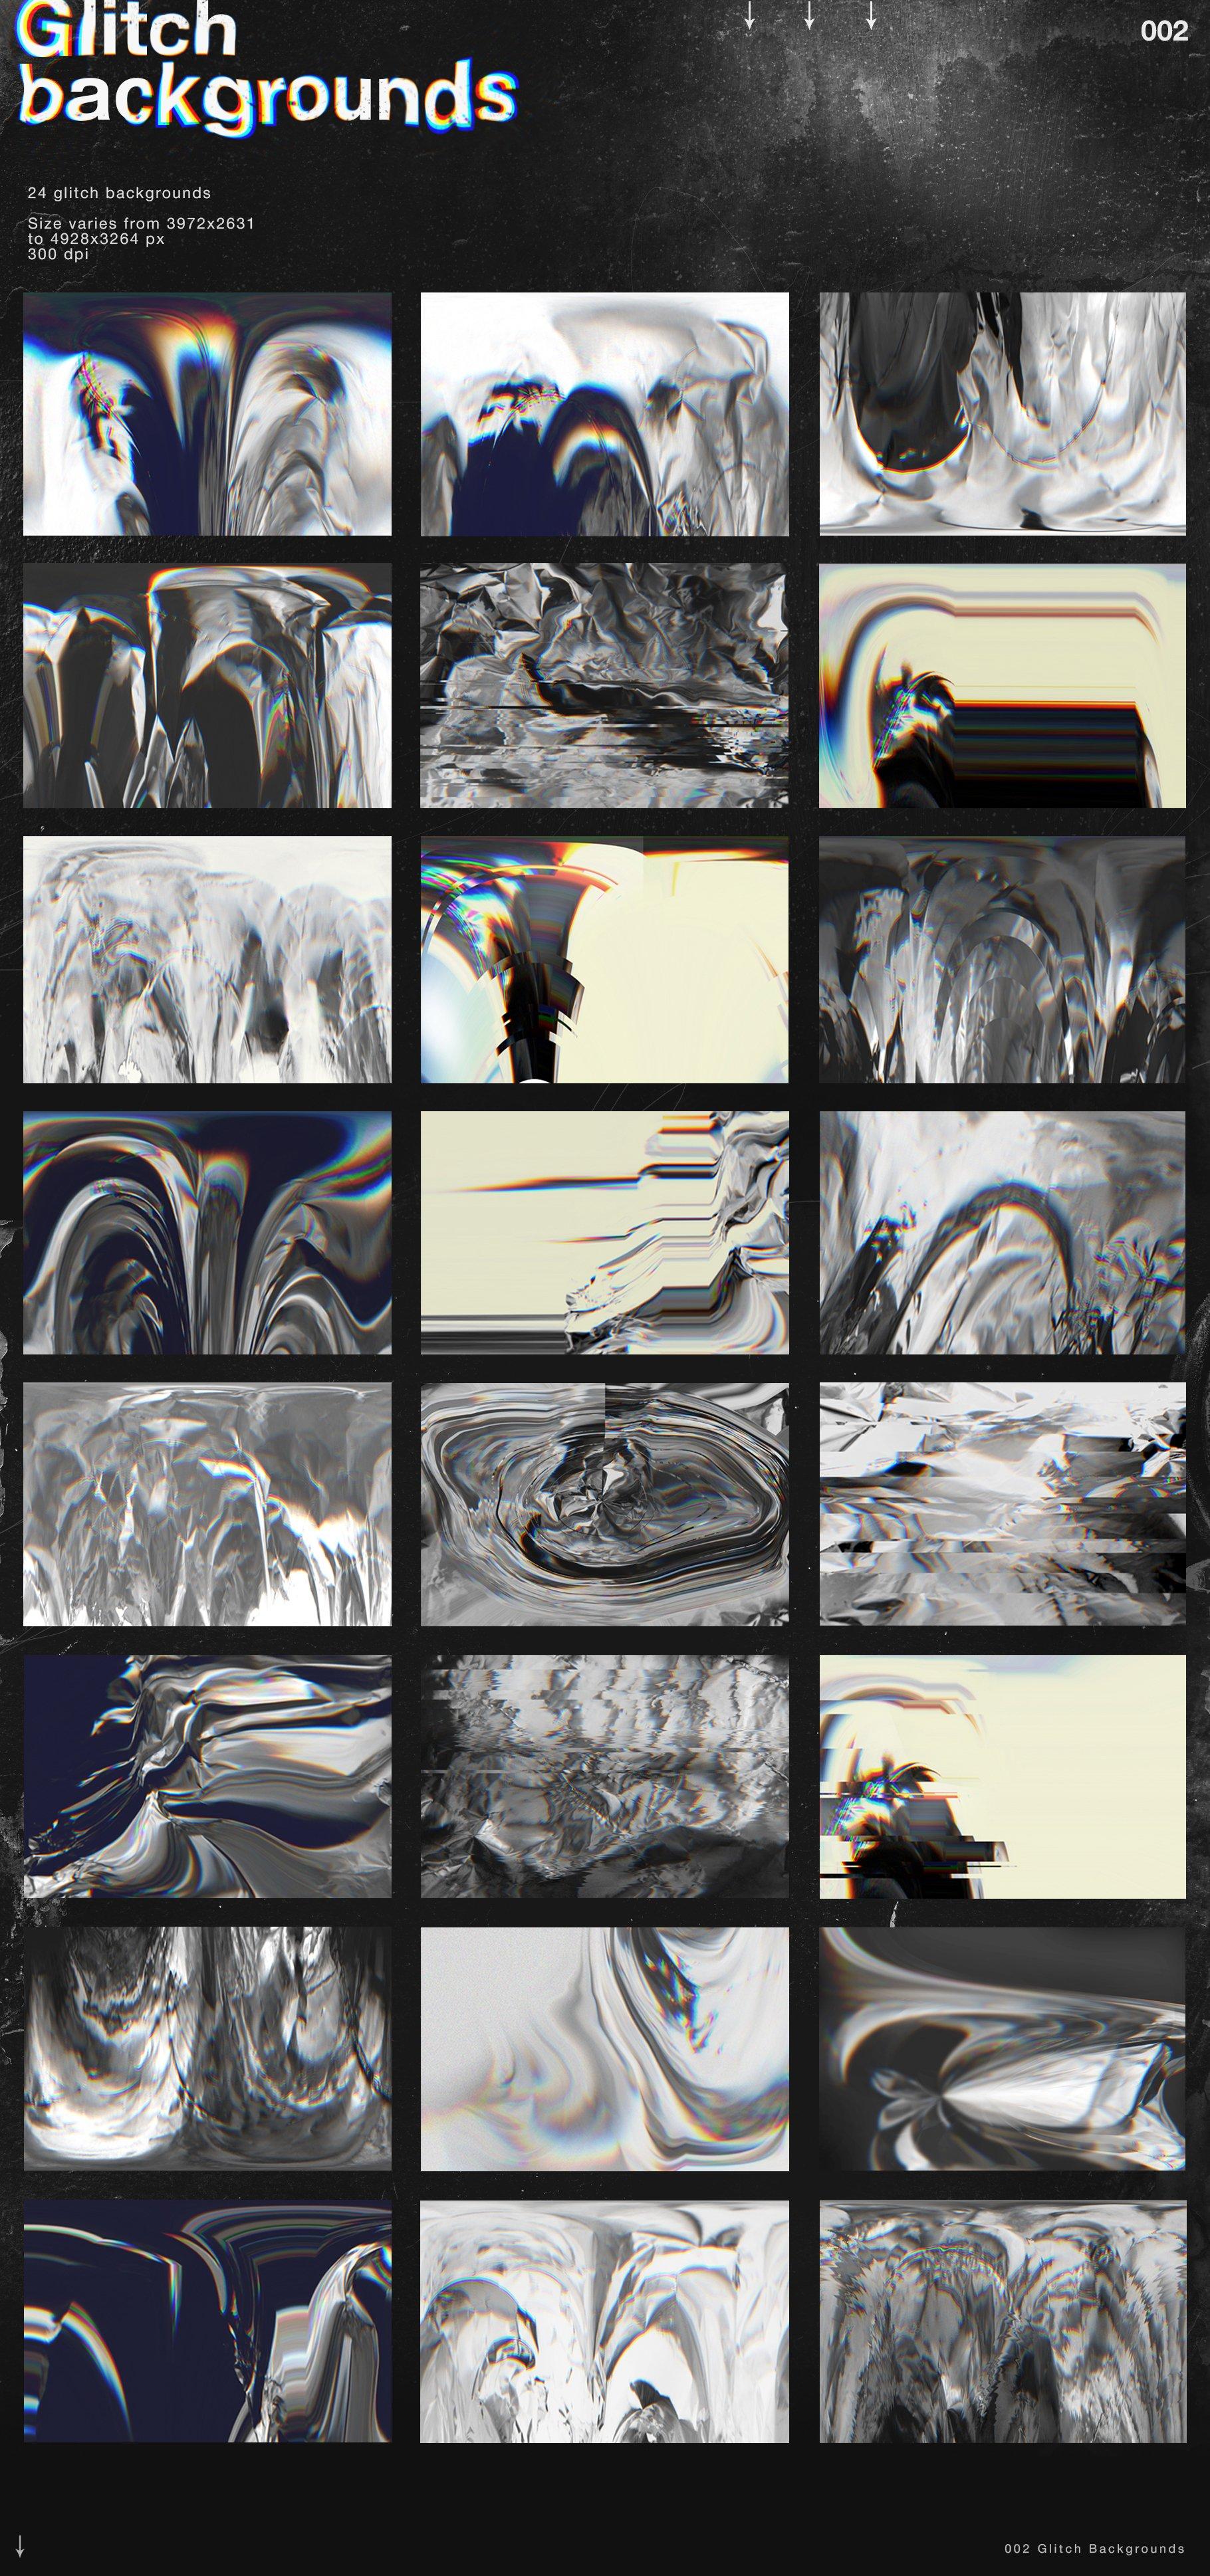 [淘宝购买] 潮流抽象故障扭曲网格塑料薄膜海报设计背景纹理素材 Grunge&Glitch – Toolkit 7in1插图(3)